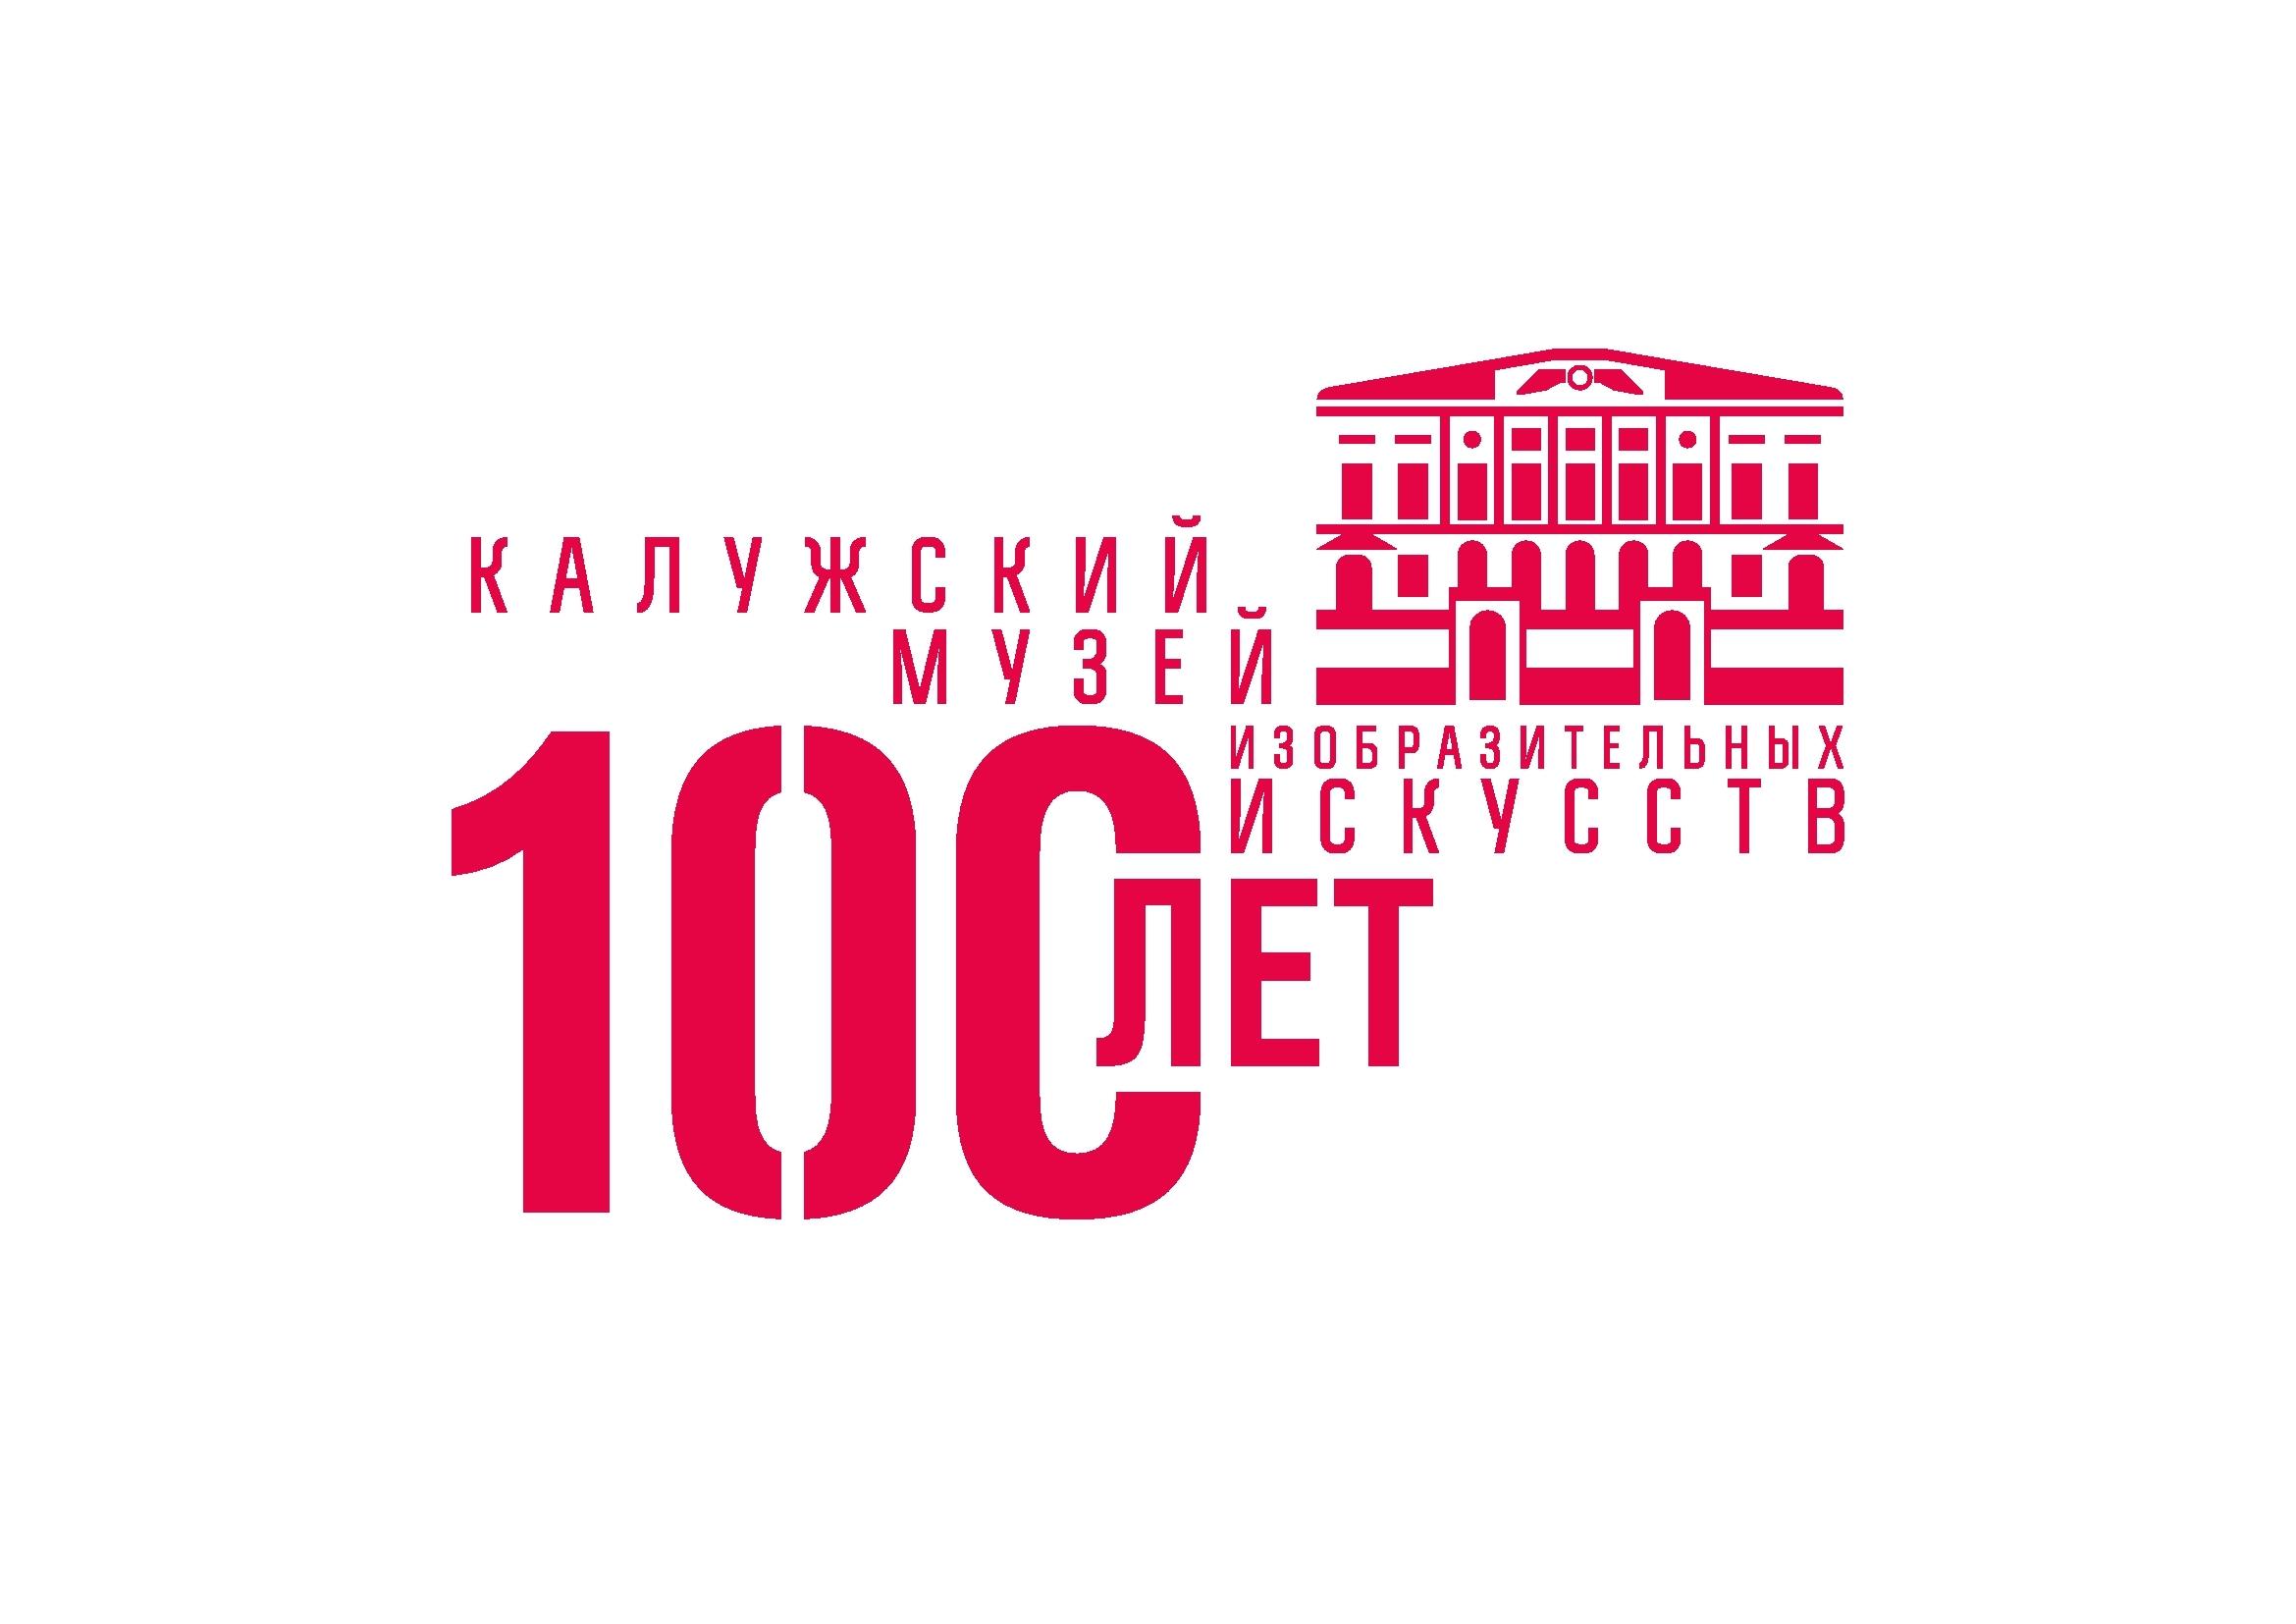 Калужский музей изобразительных искусств представил новый конкурс